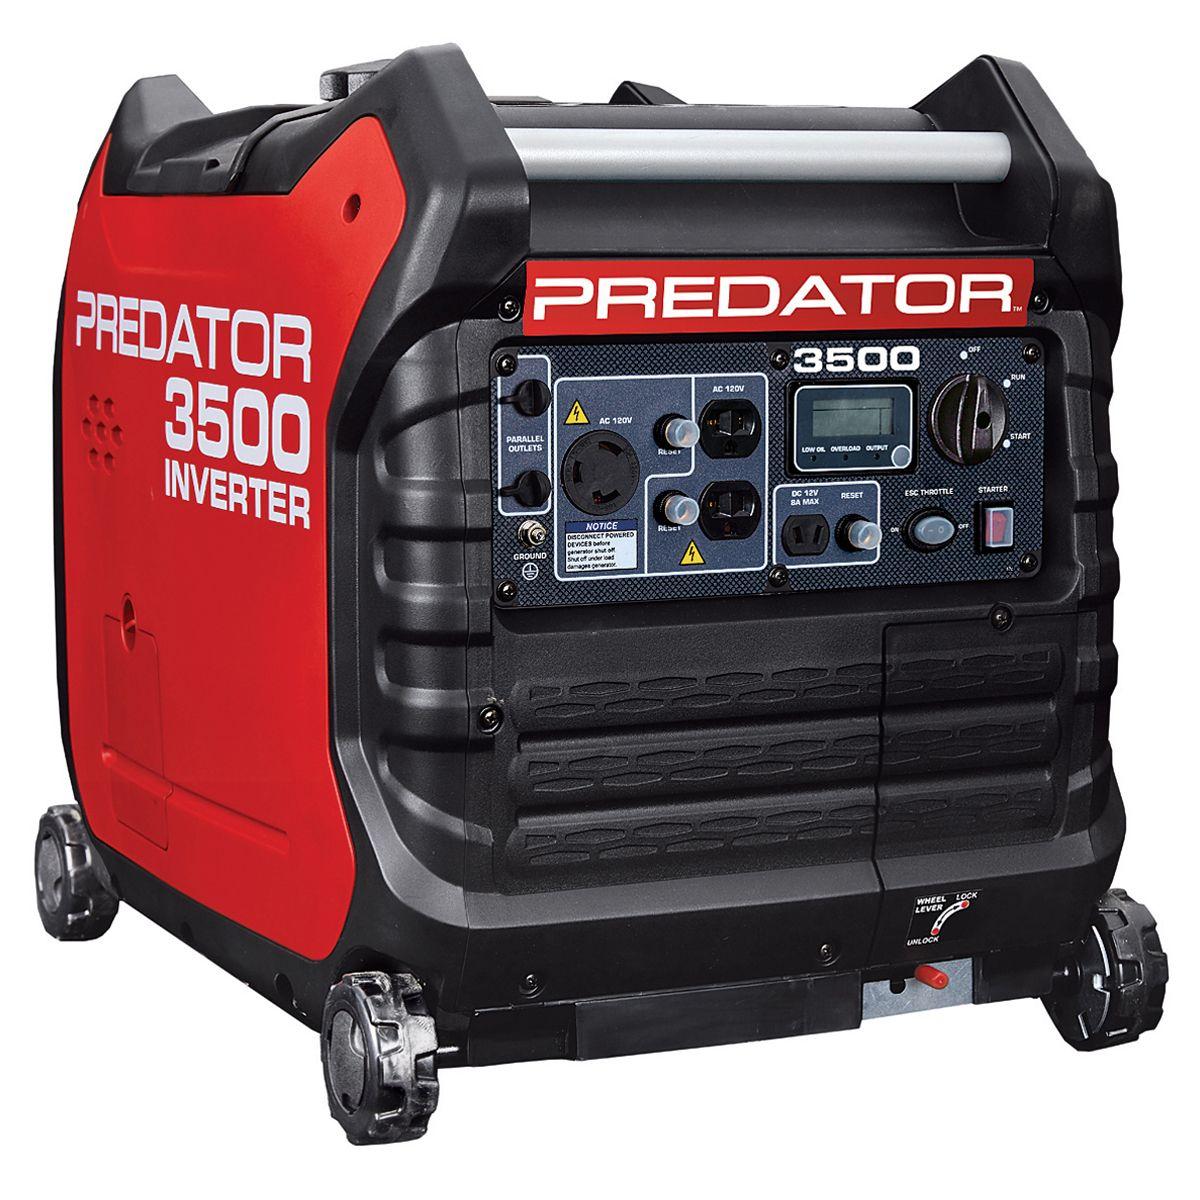 3500 Watt Super Quiet Inverter Generator Inverter Generator Camping Generator Portable Generator